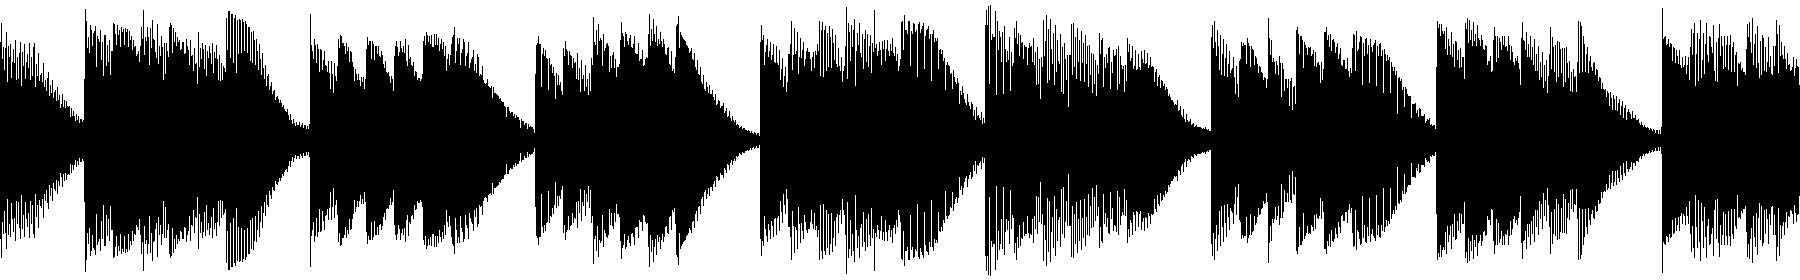 bass15 122